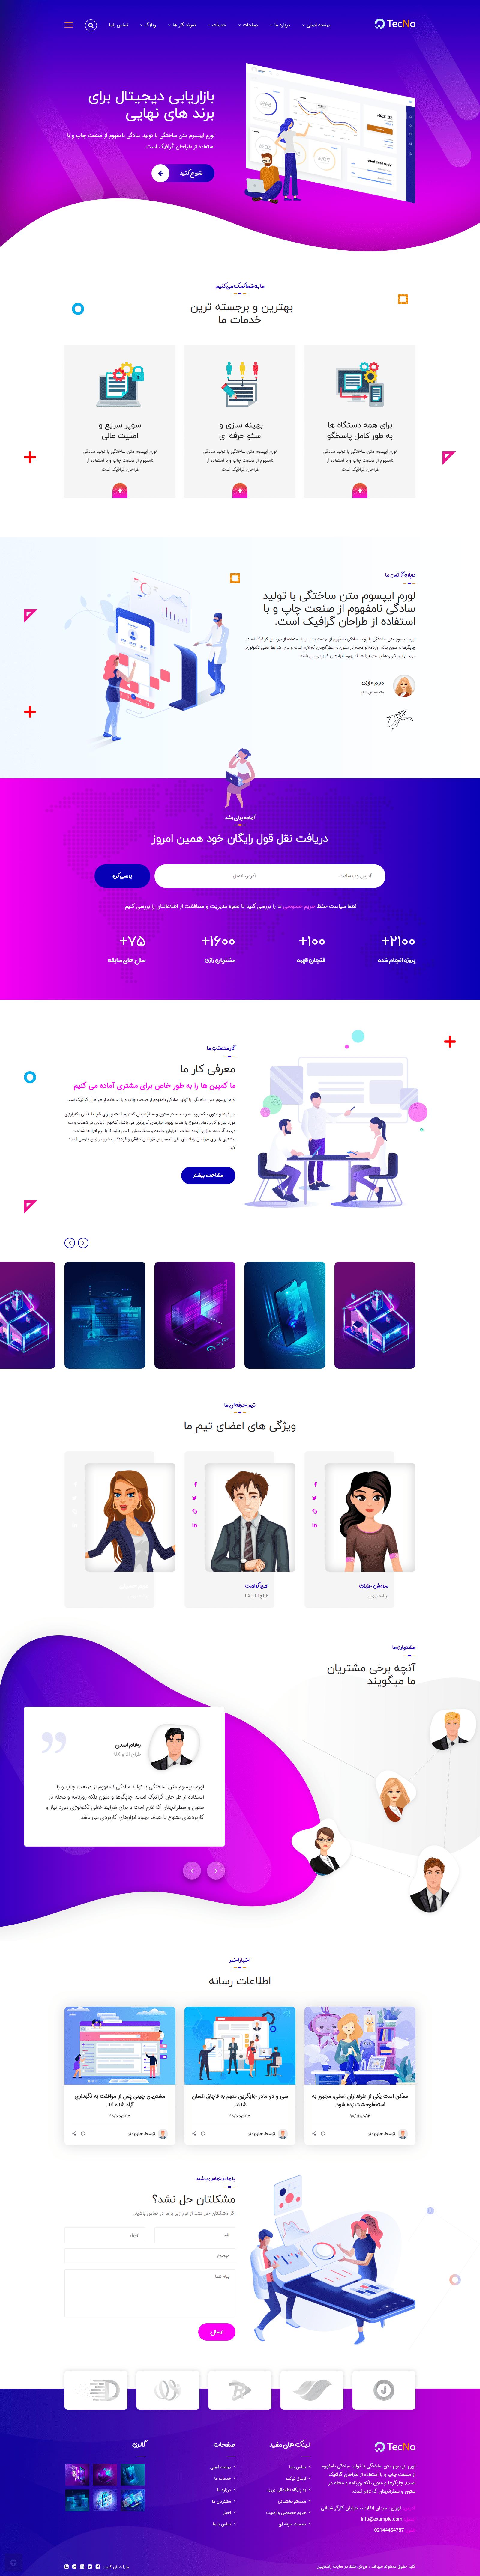 قالب HTML شرکتی تکنو قالب CSS3 و HTML5